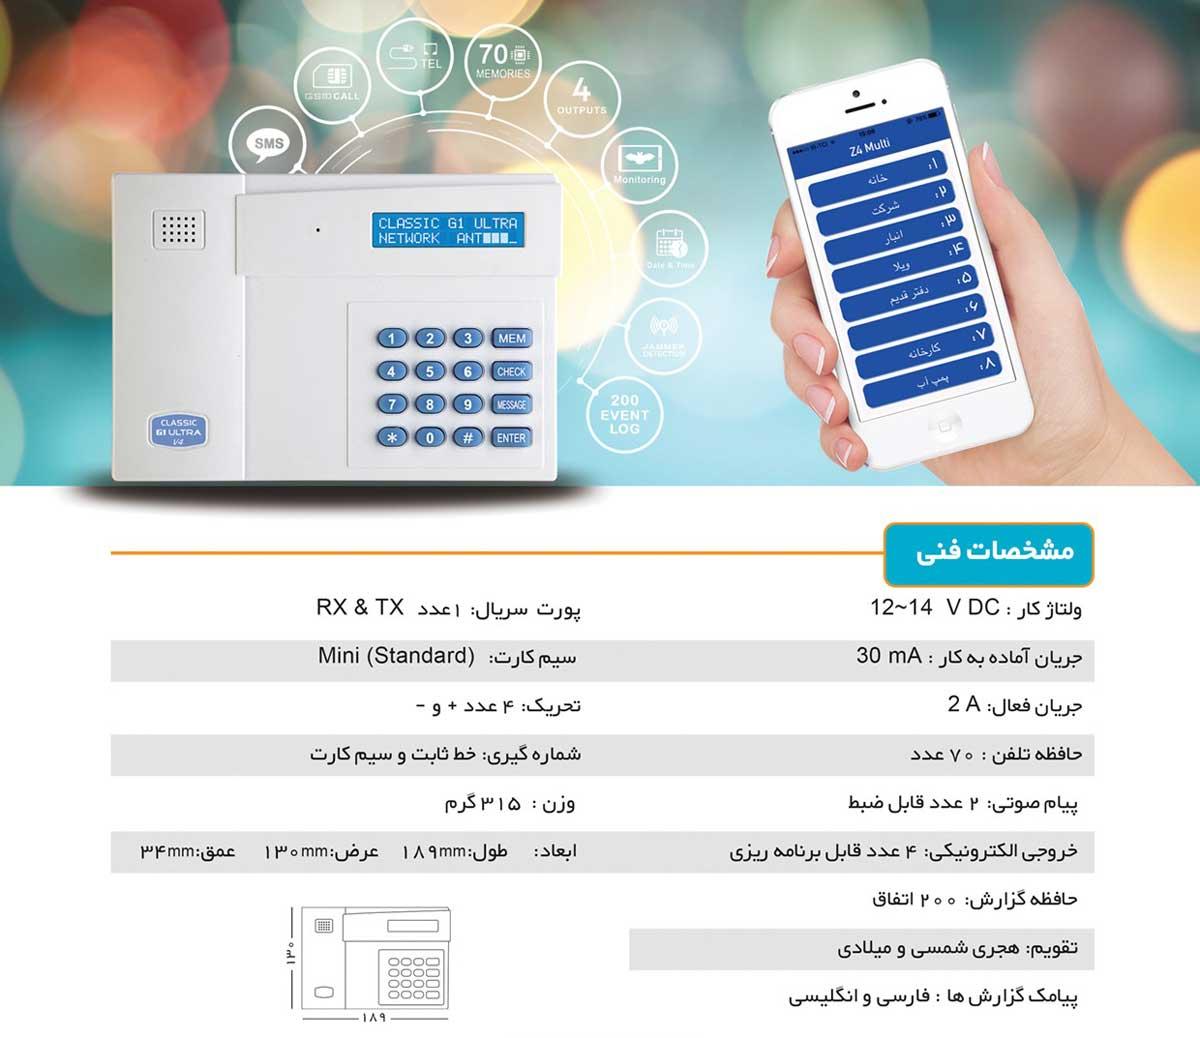 مشخصات تلفن کننده سیم کارتی کلاسیک G1 Ultra